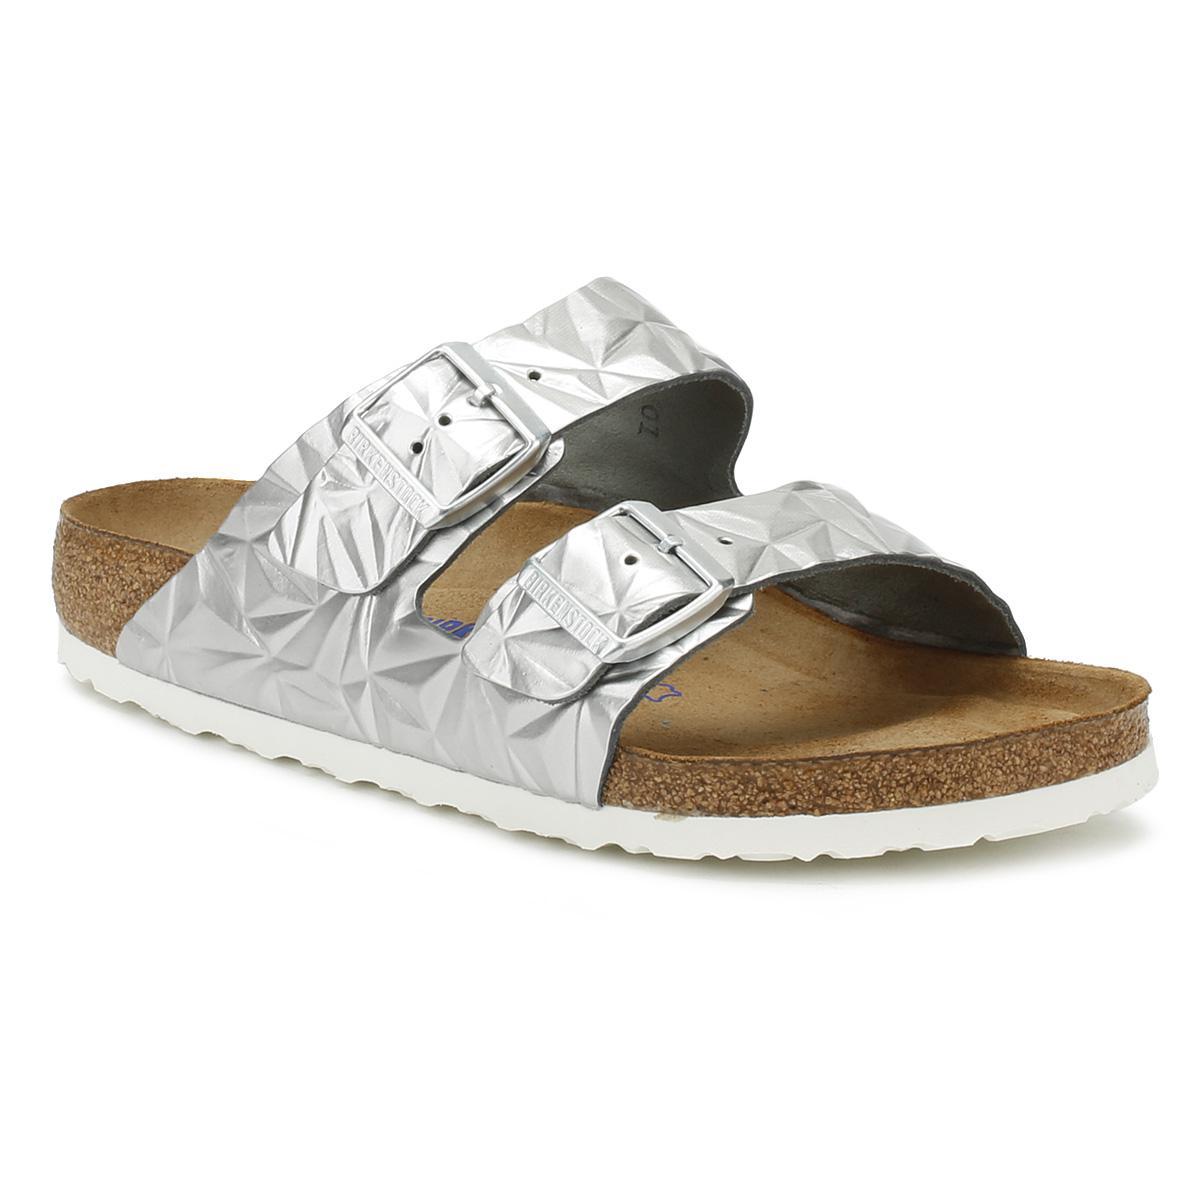 a253615fa6d7 Lyst - Birkenstock Womens Spectral Silver Arizona Sandals Women s ...